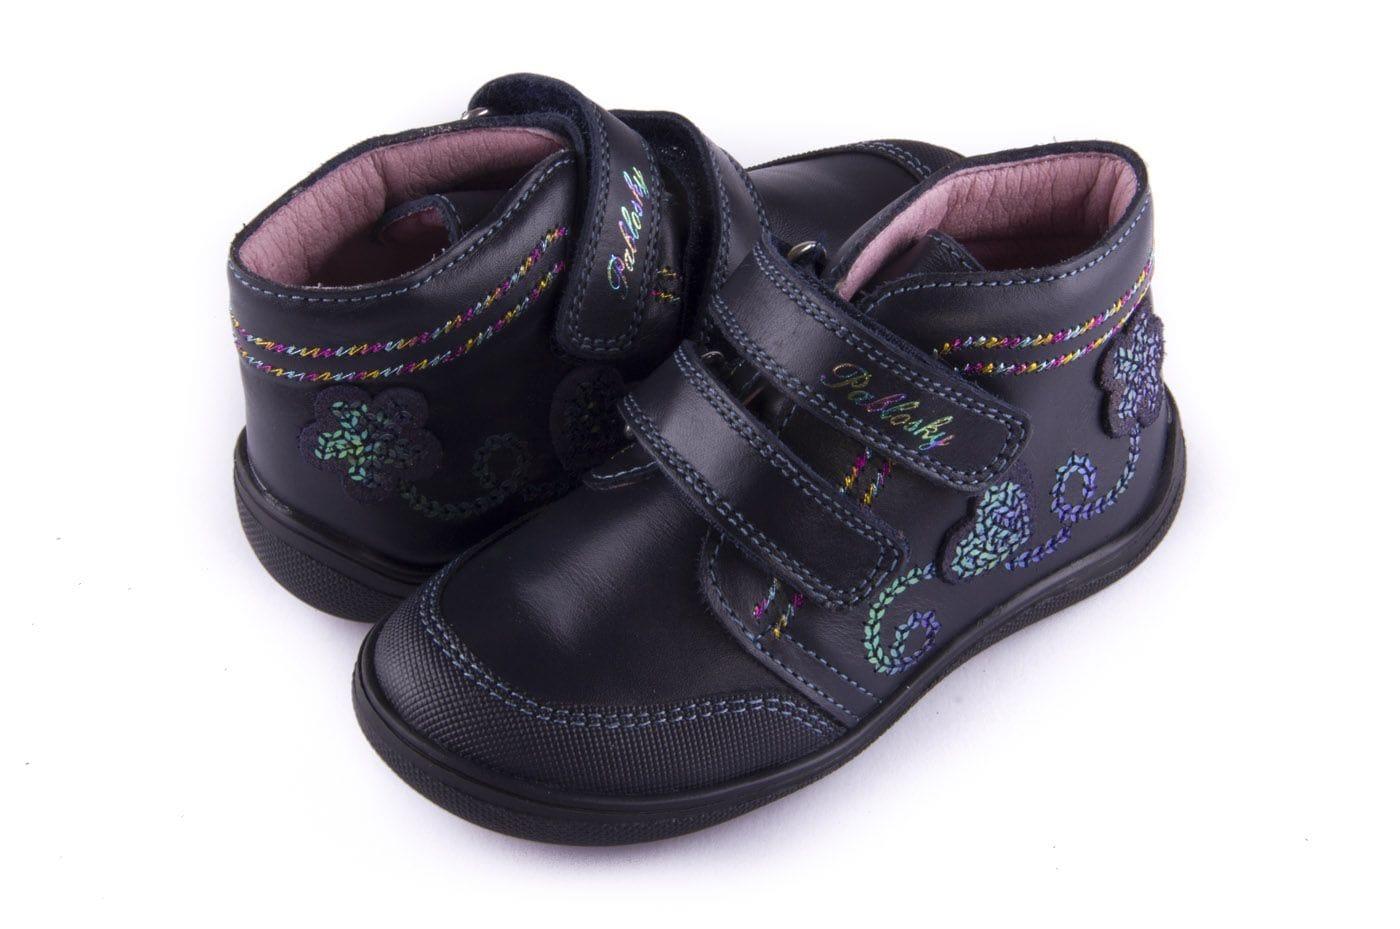 8266fcdf64b Bota Zapato Piel Comprar Estilo Tipo Color Botas Joven Niña Azul ax1PqnBH